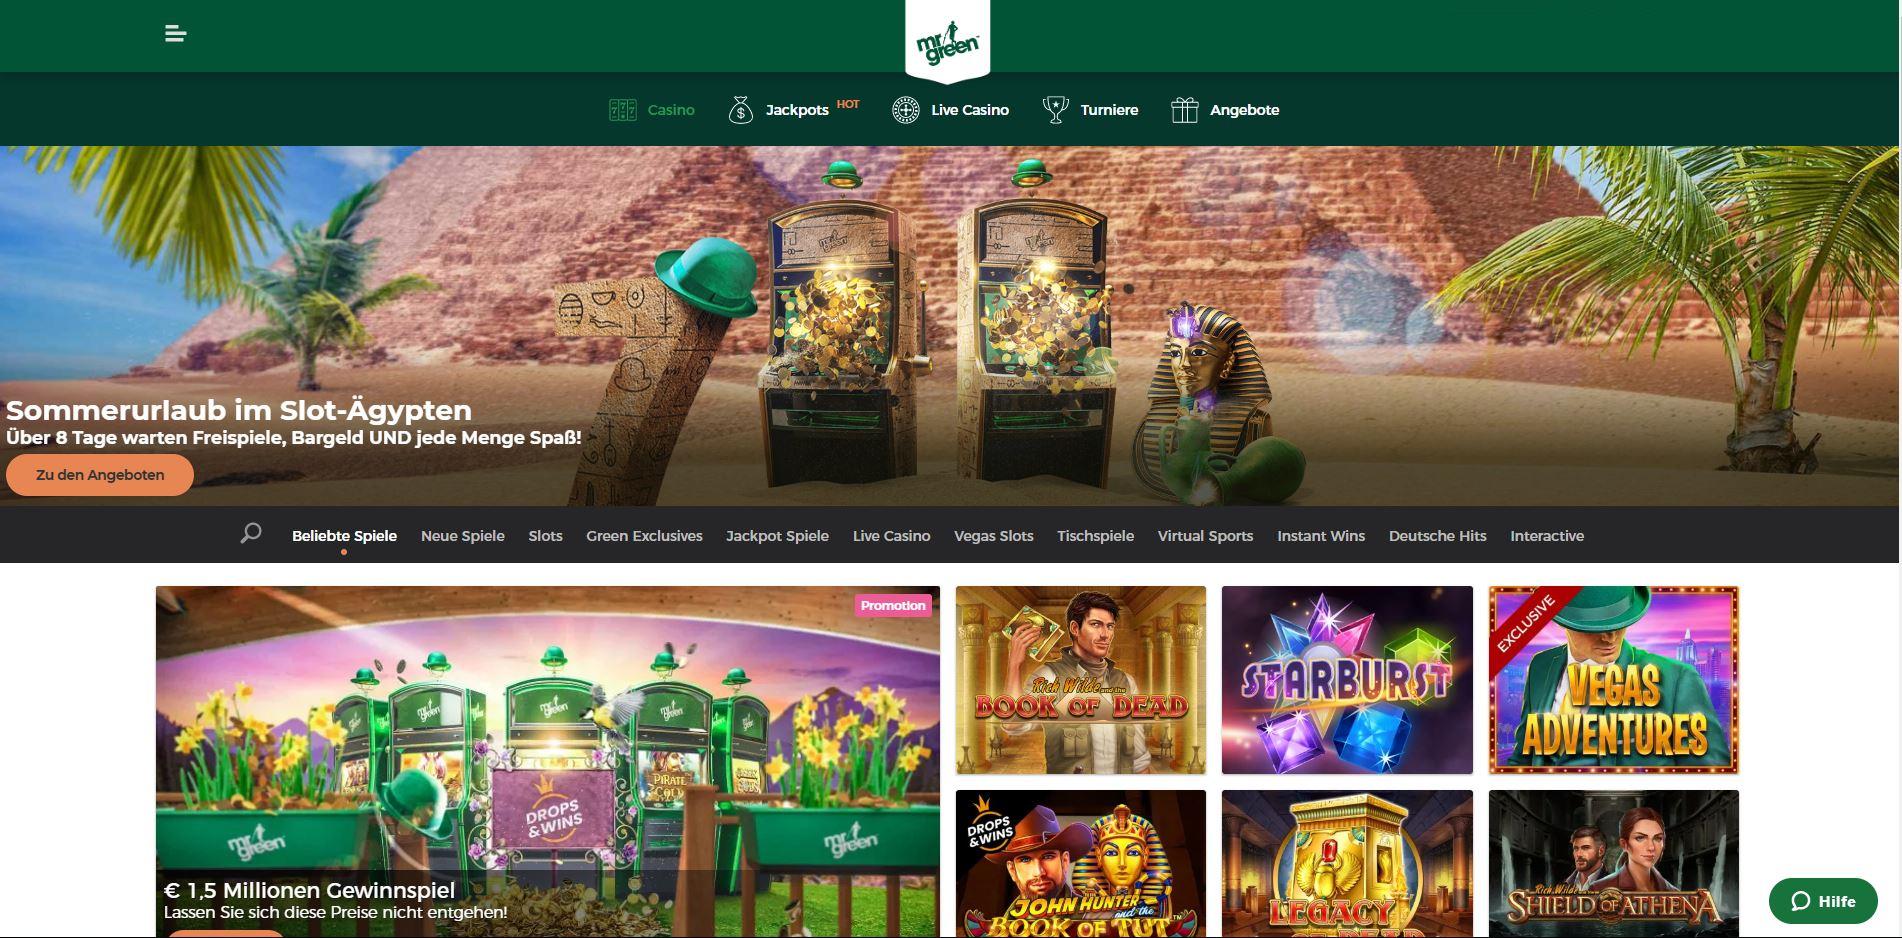 Die Webseite vom Mr Green Online-Casino.